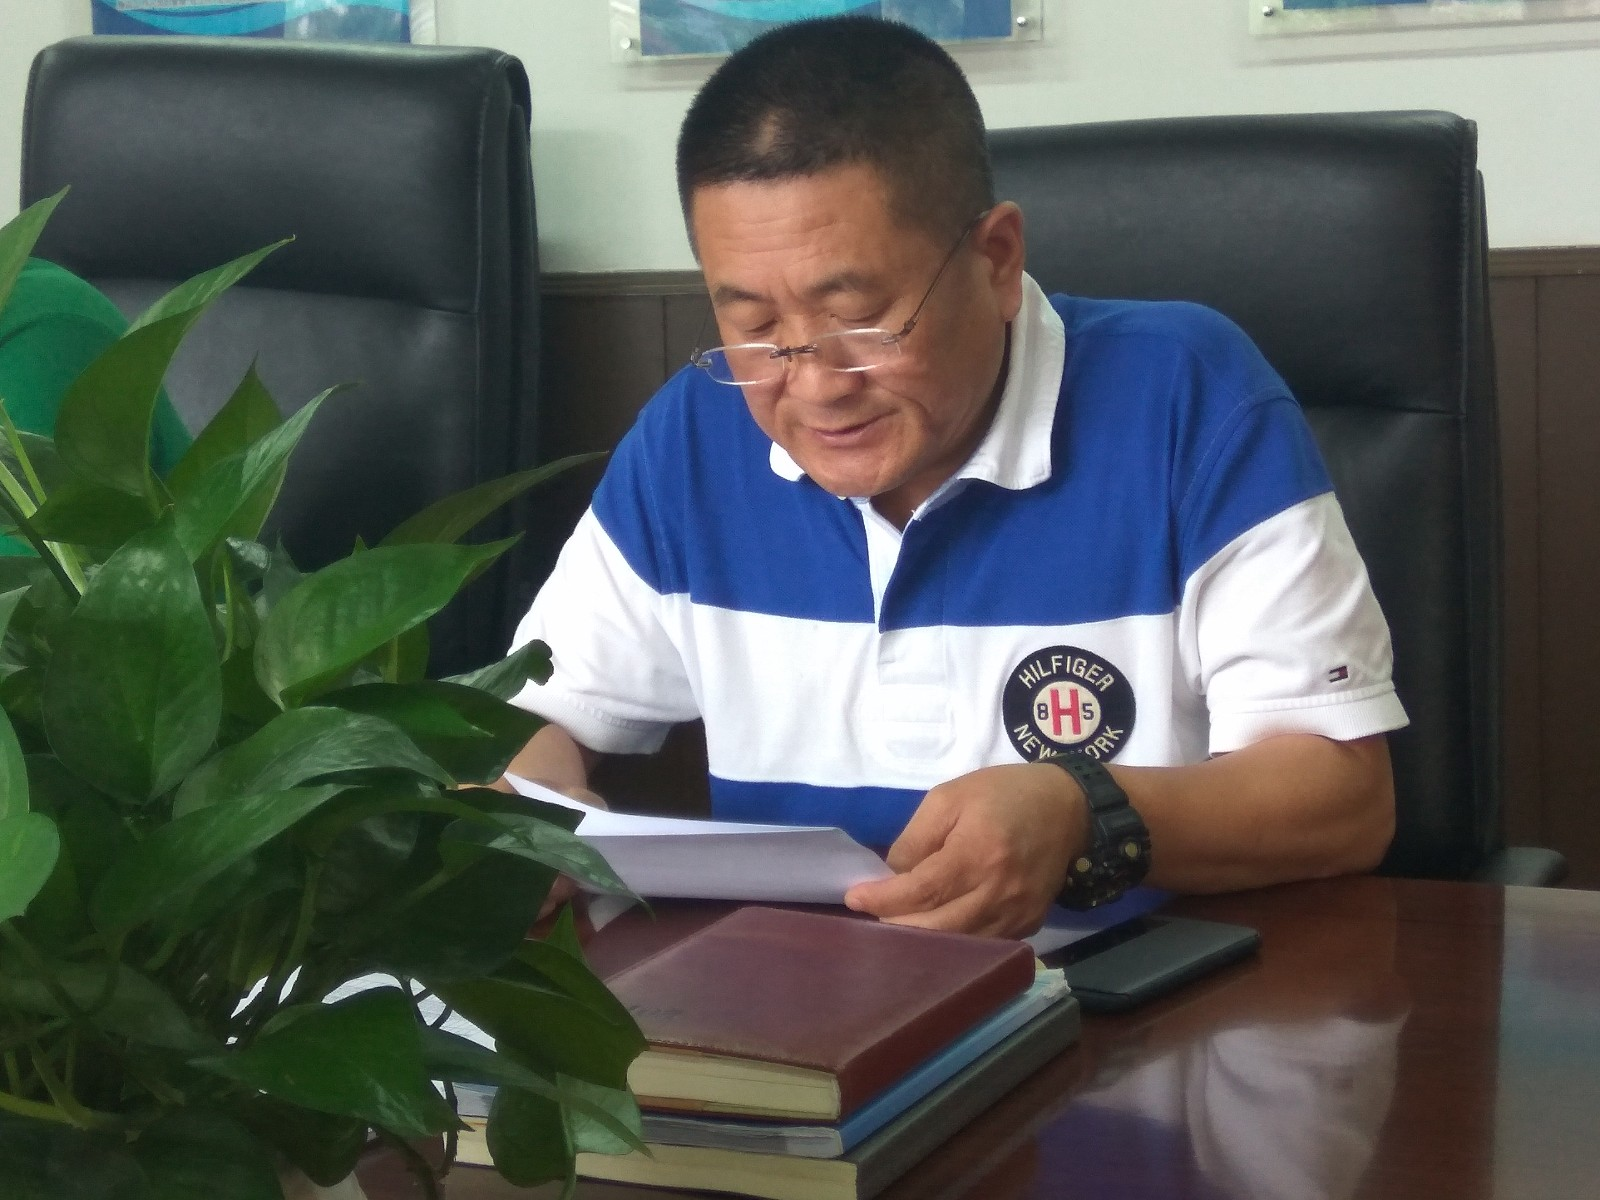 党员尹大勇学习《马云管理》读书分享.jpg